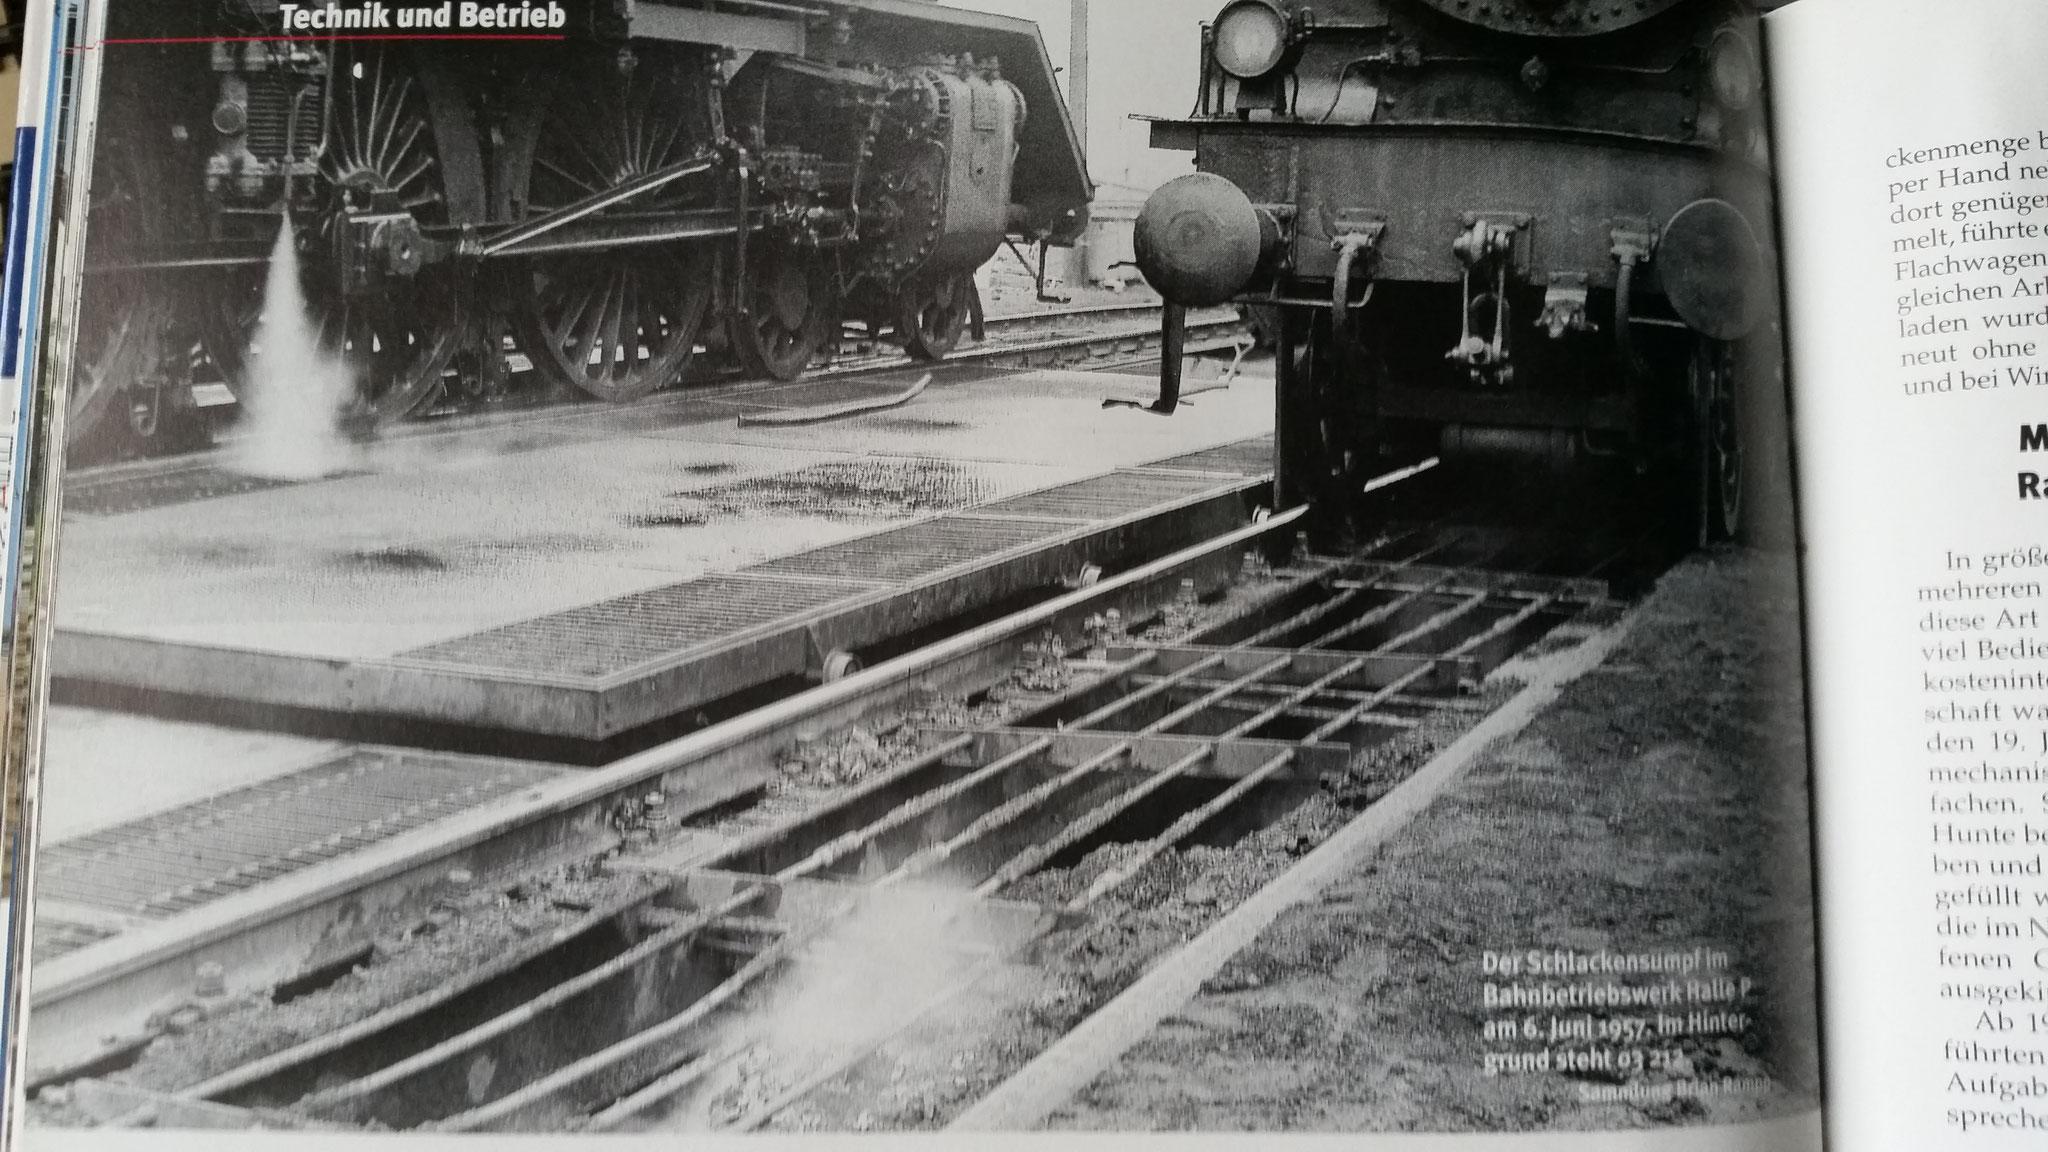 Hier mal das Vorbildfoto von dem Schutzgitter... Quelle: Martin Weltner - Bahnbetriebswerke - Geschichte/Technik/Gleispläne, Verlag: GeraMond, ISBN: 978-3-7654-7278-7